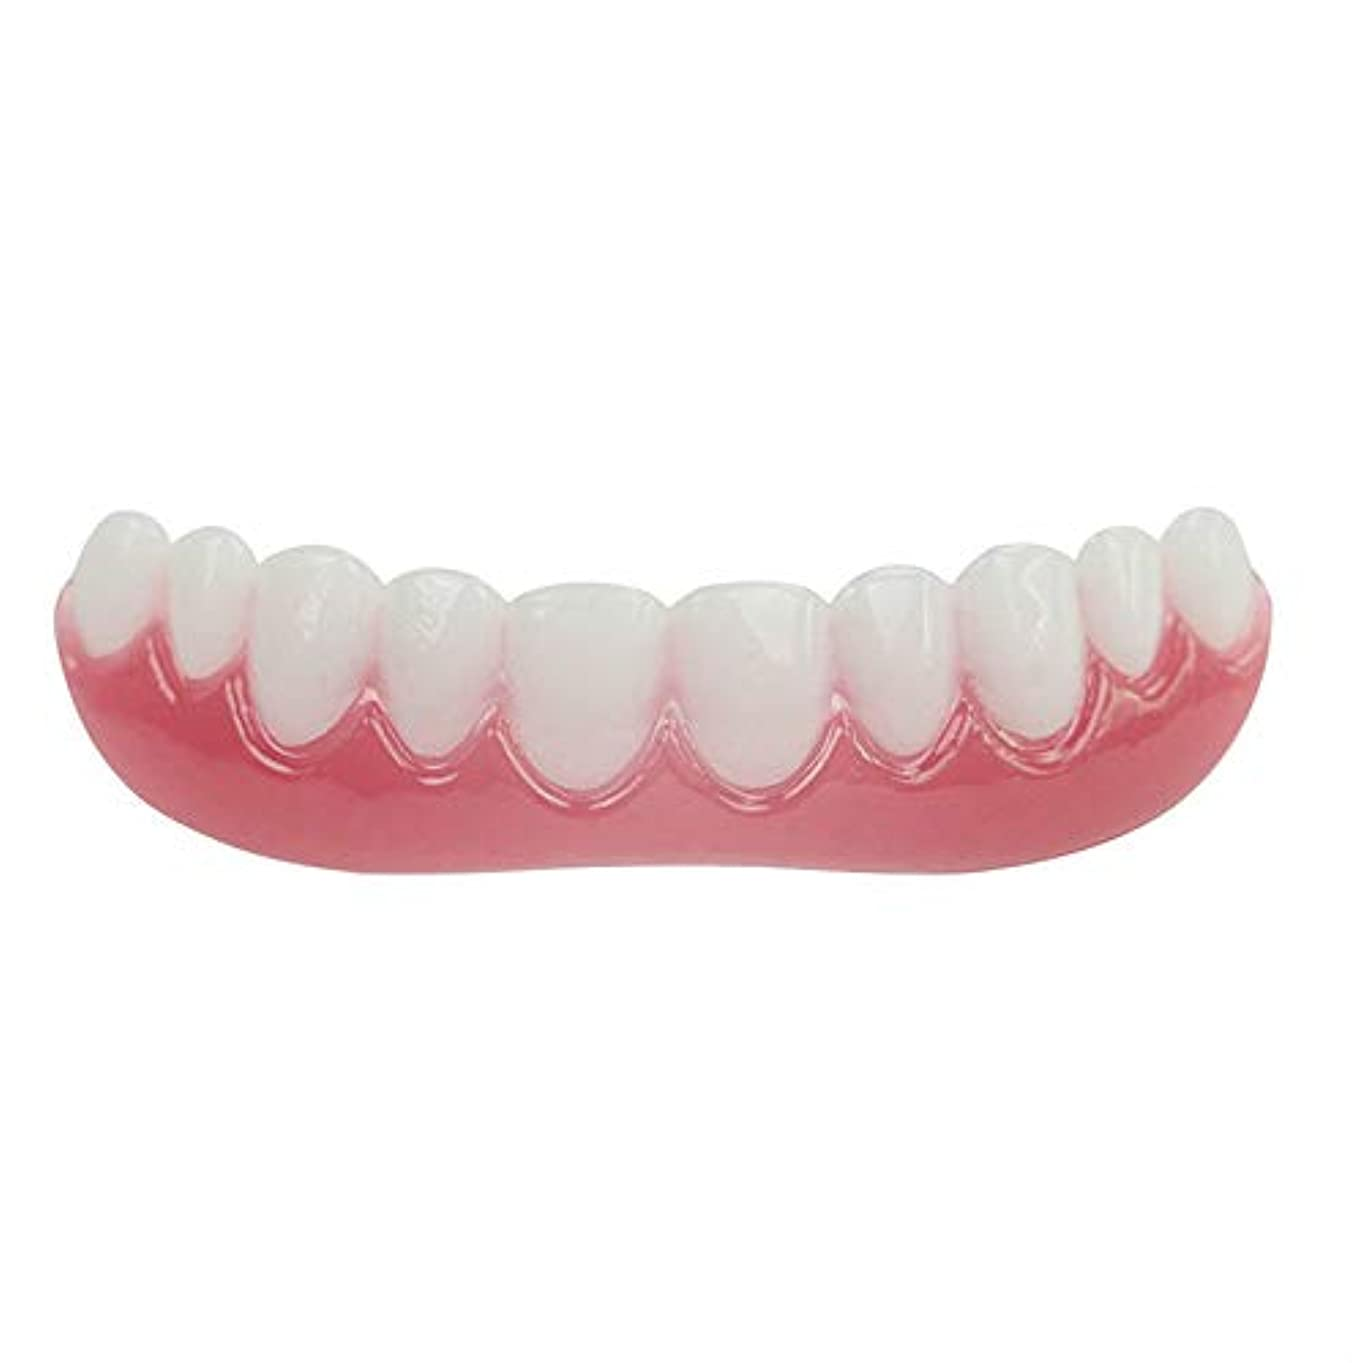 恩恵コミュニティインドシリコンシミュレーション義歯、歯科用ベニヤホワイトトゥースセット(1個),Boxed,Lower